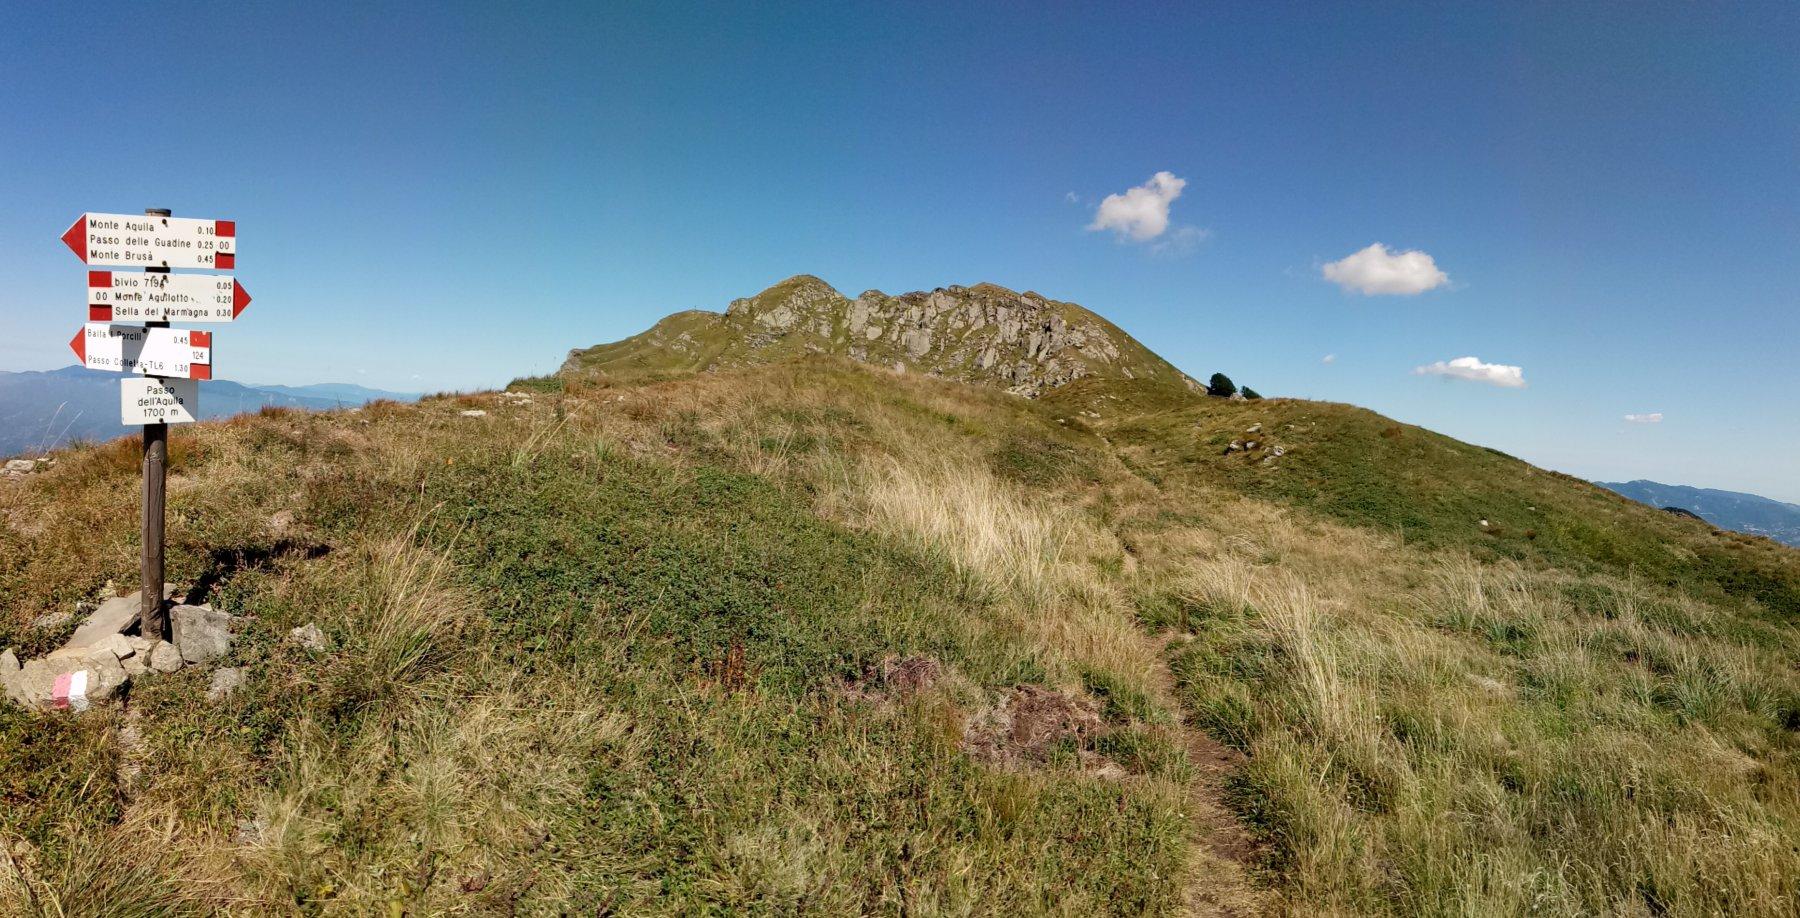 Marmagna (Monte) dal Passo dell'Aquila, per il Monte Aquilotto, il Monte Marmagna, la Sella del Braiola, anello 2017-08-16